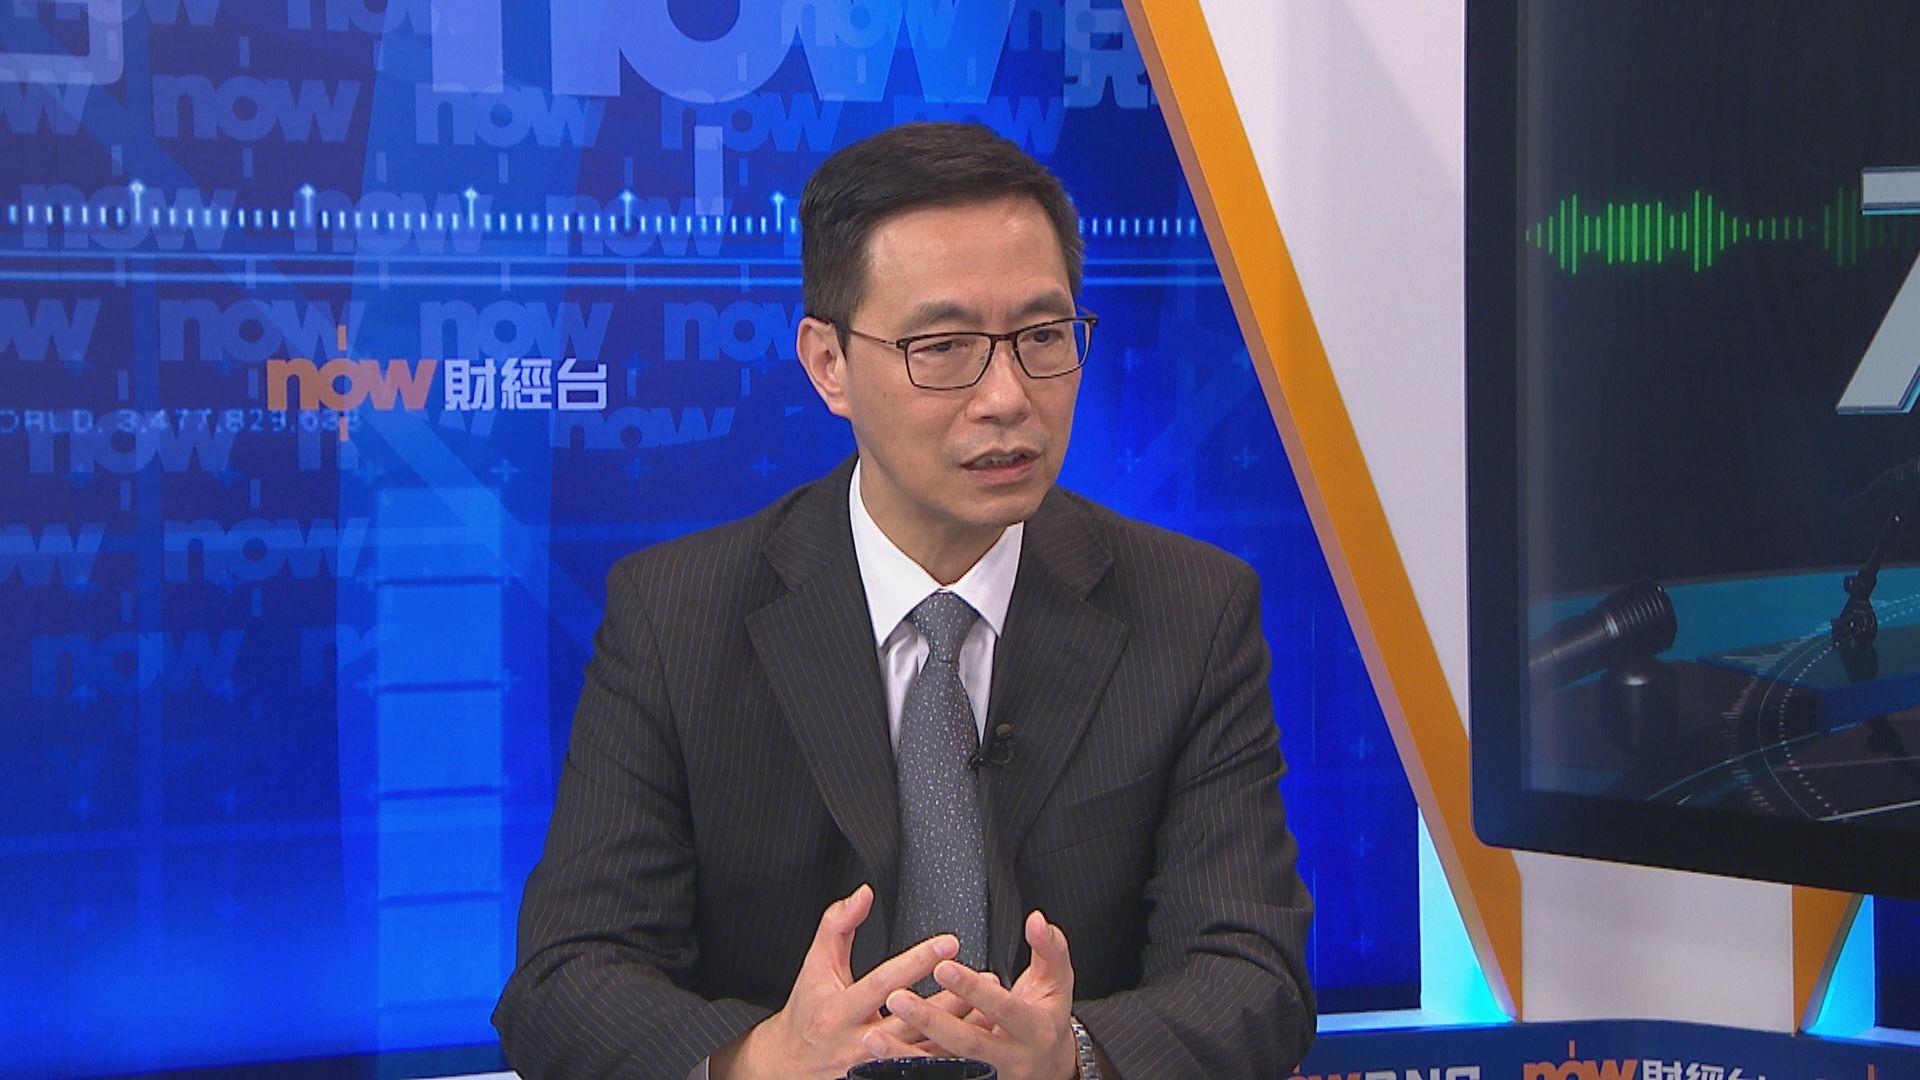 楊潤雄︰有人故意歪曲其言論製造白色恐怖